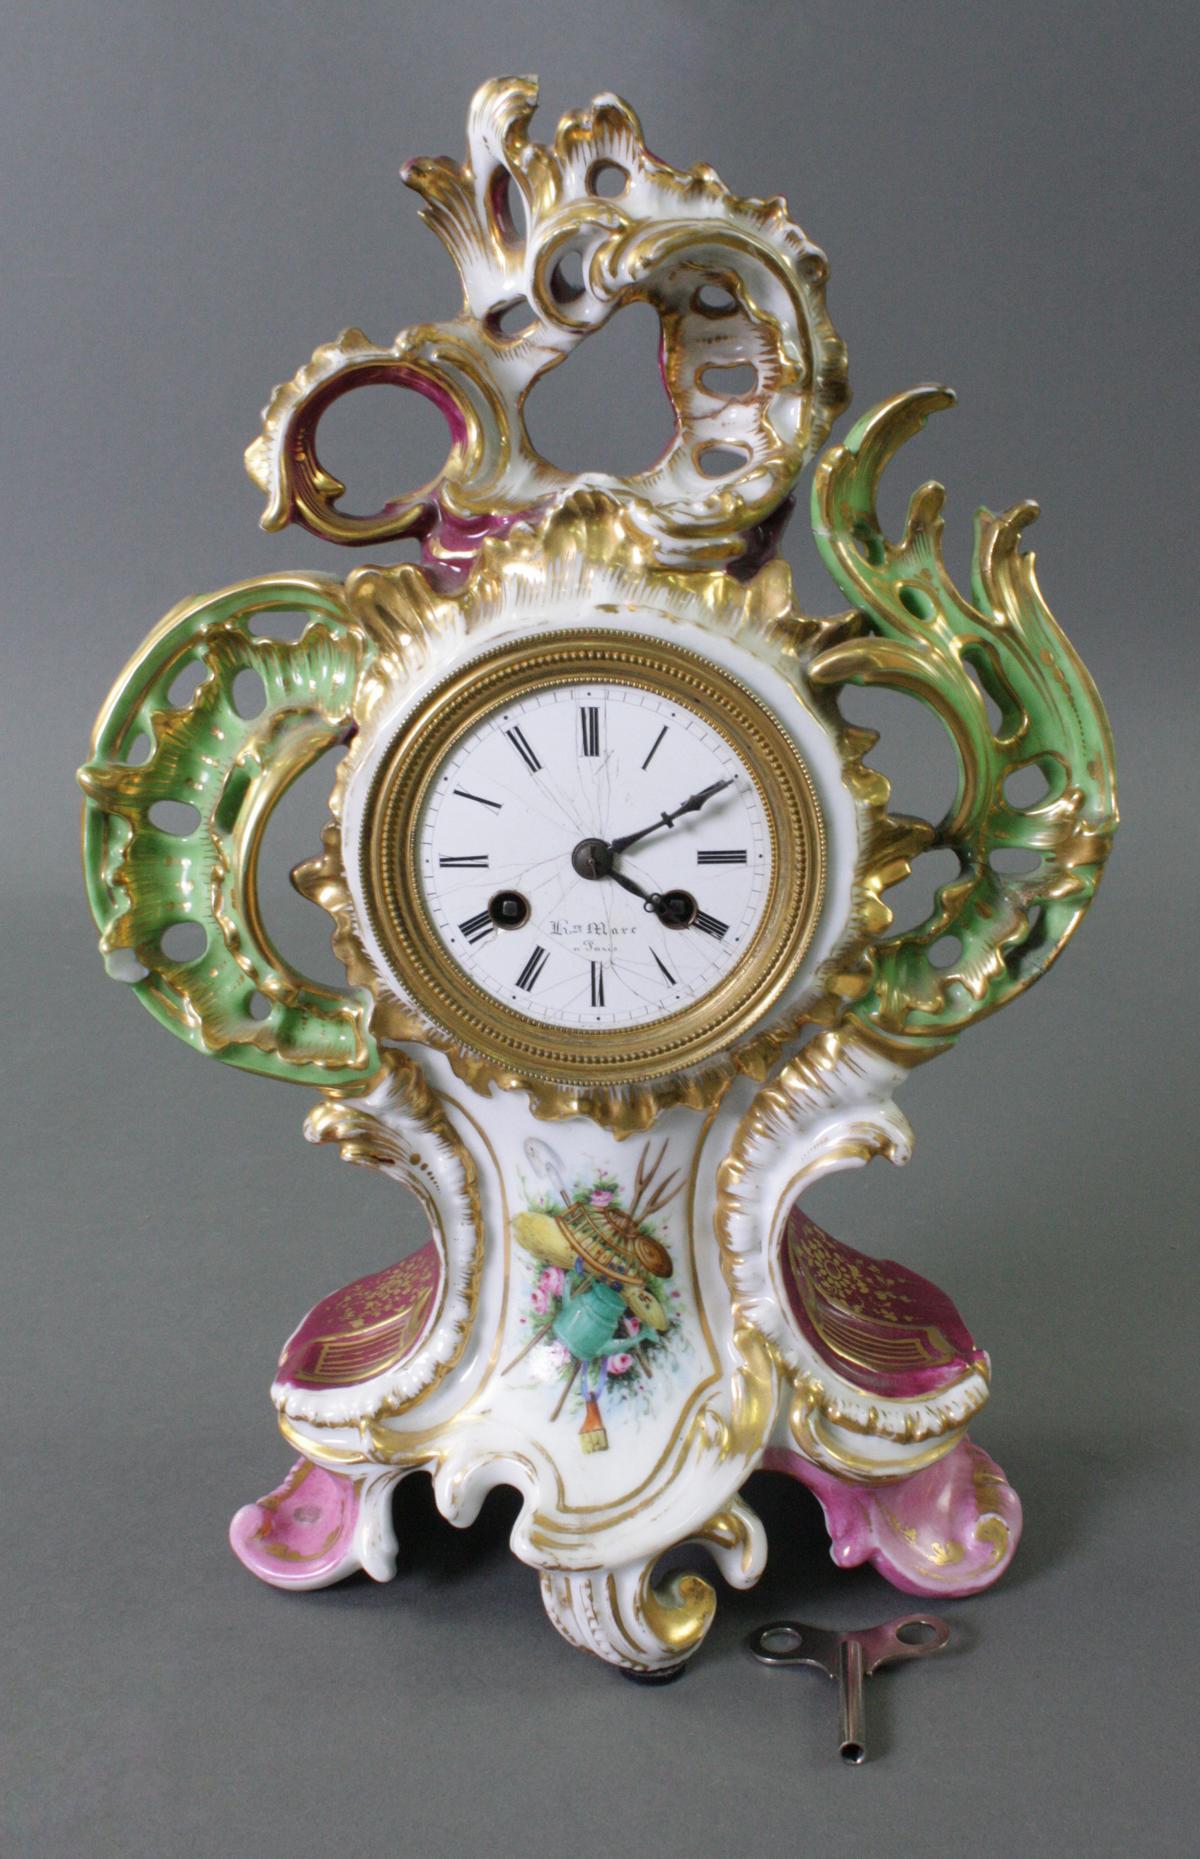 Porzellanuhr, Frankreich 19. Jahrhundert. Ungemarkt